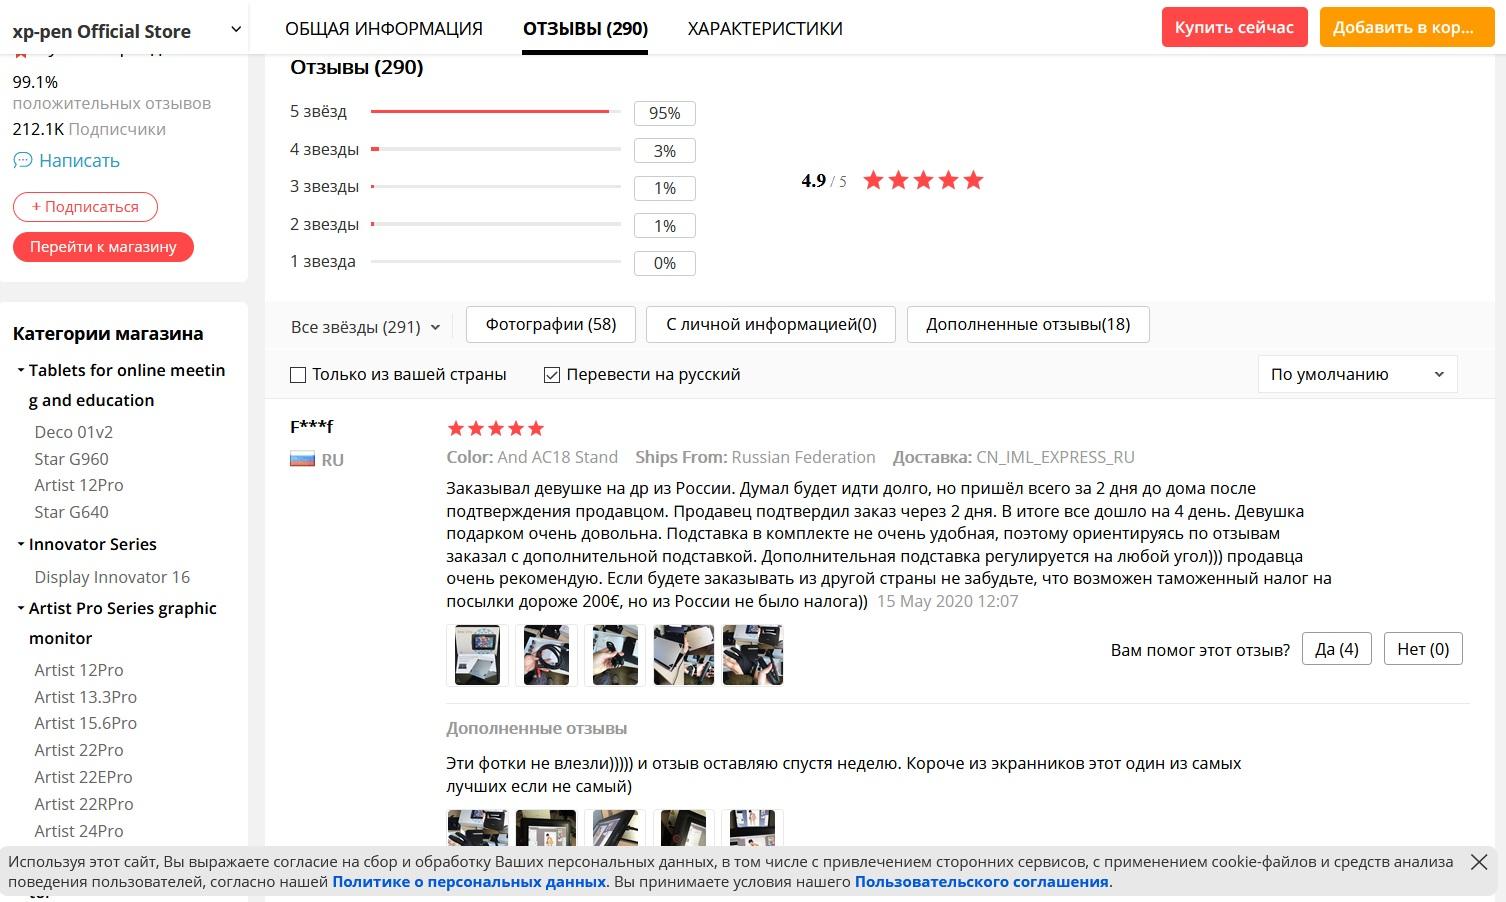 Отзывы о графическом планшете XP-Pen Artist 12 Pro